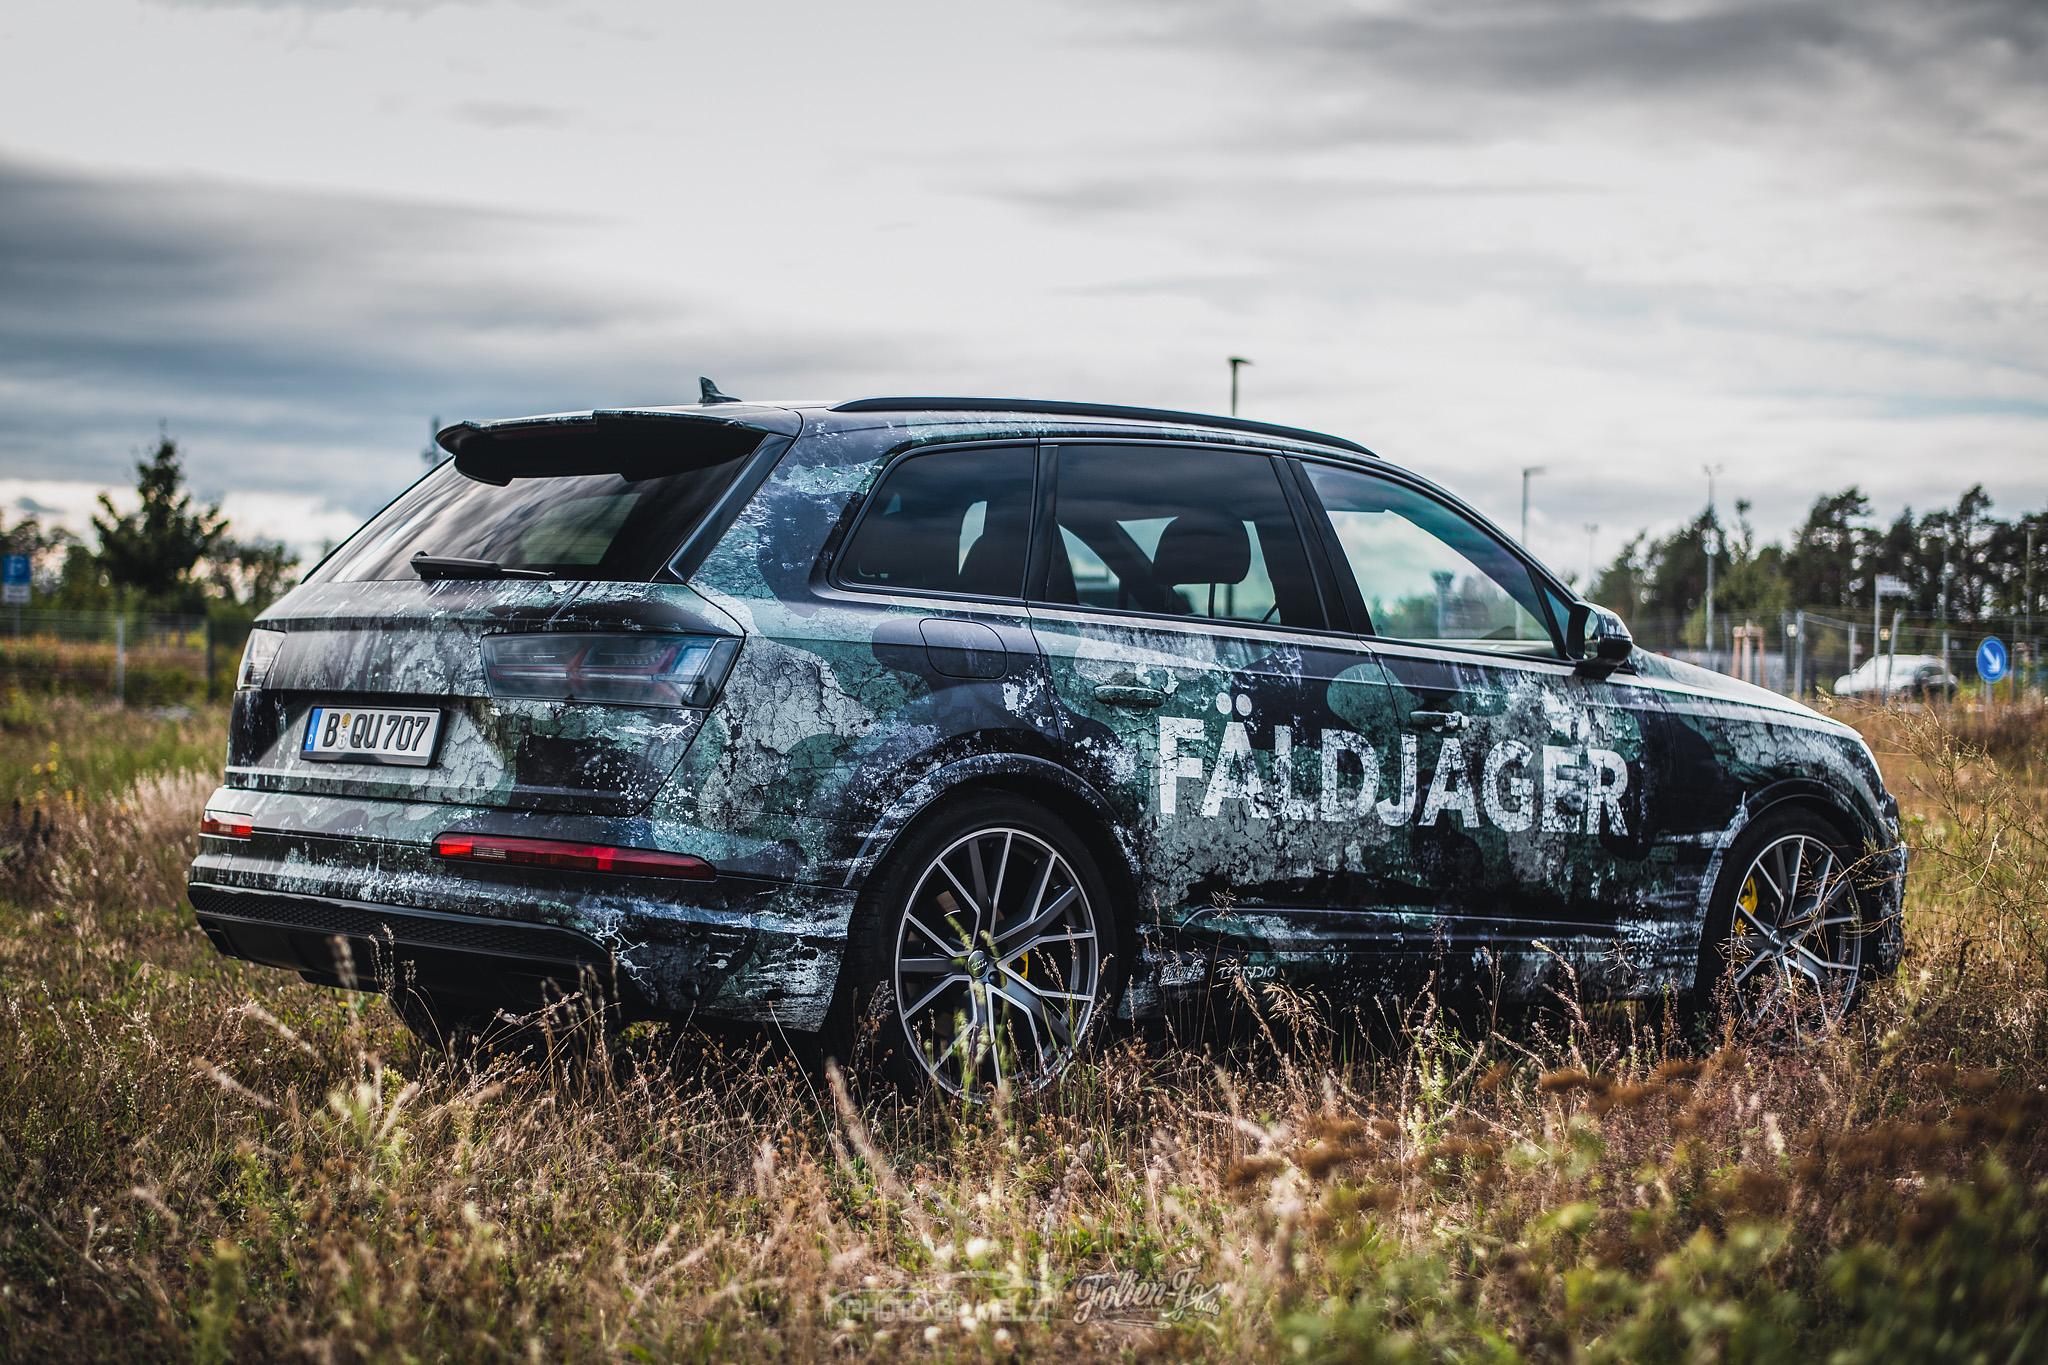 💥 Audi Q7 camo 💥